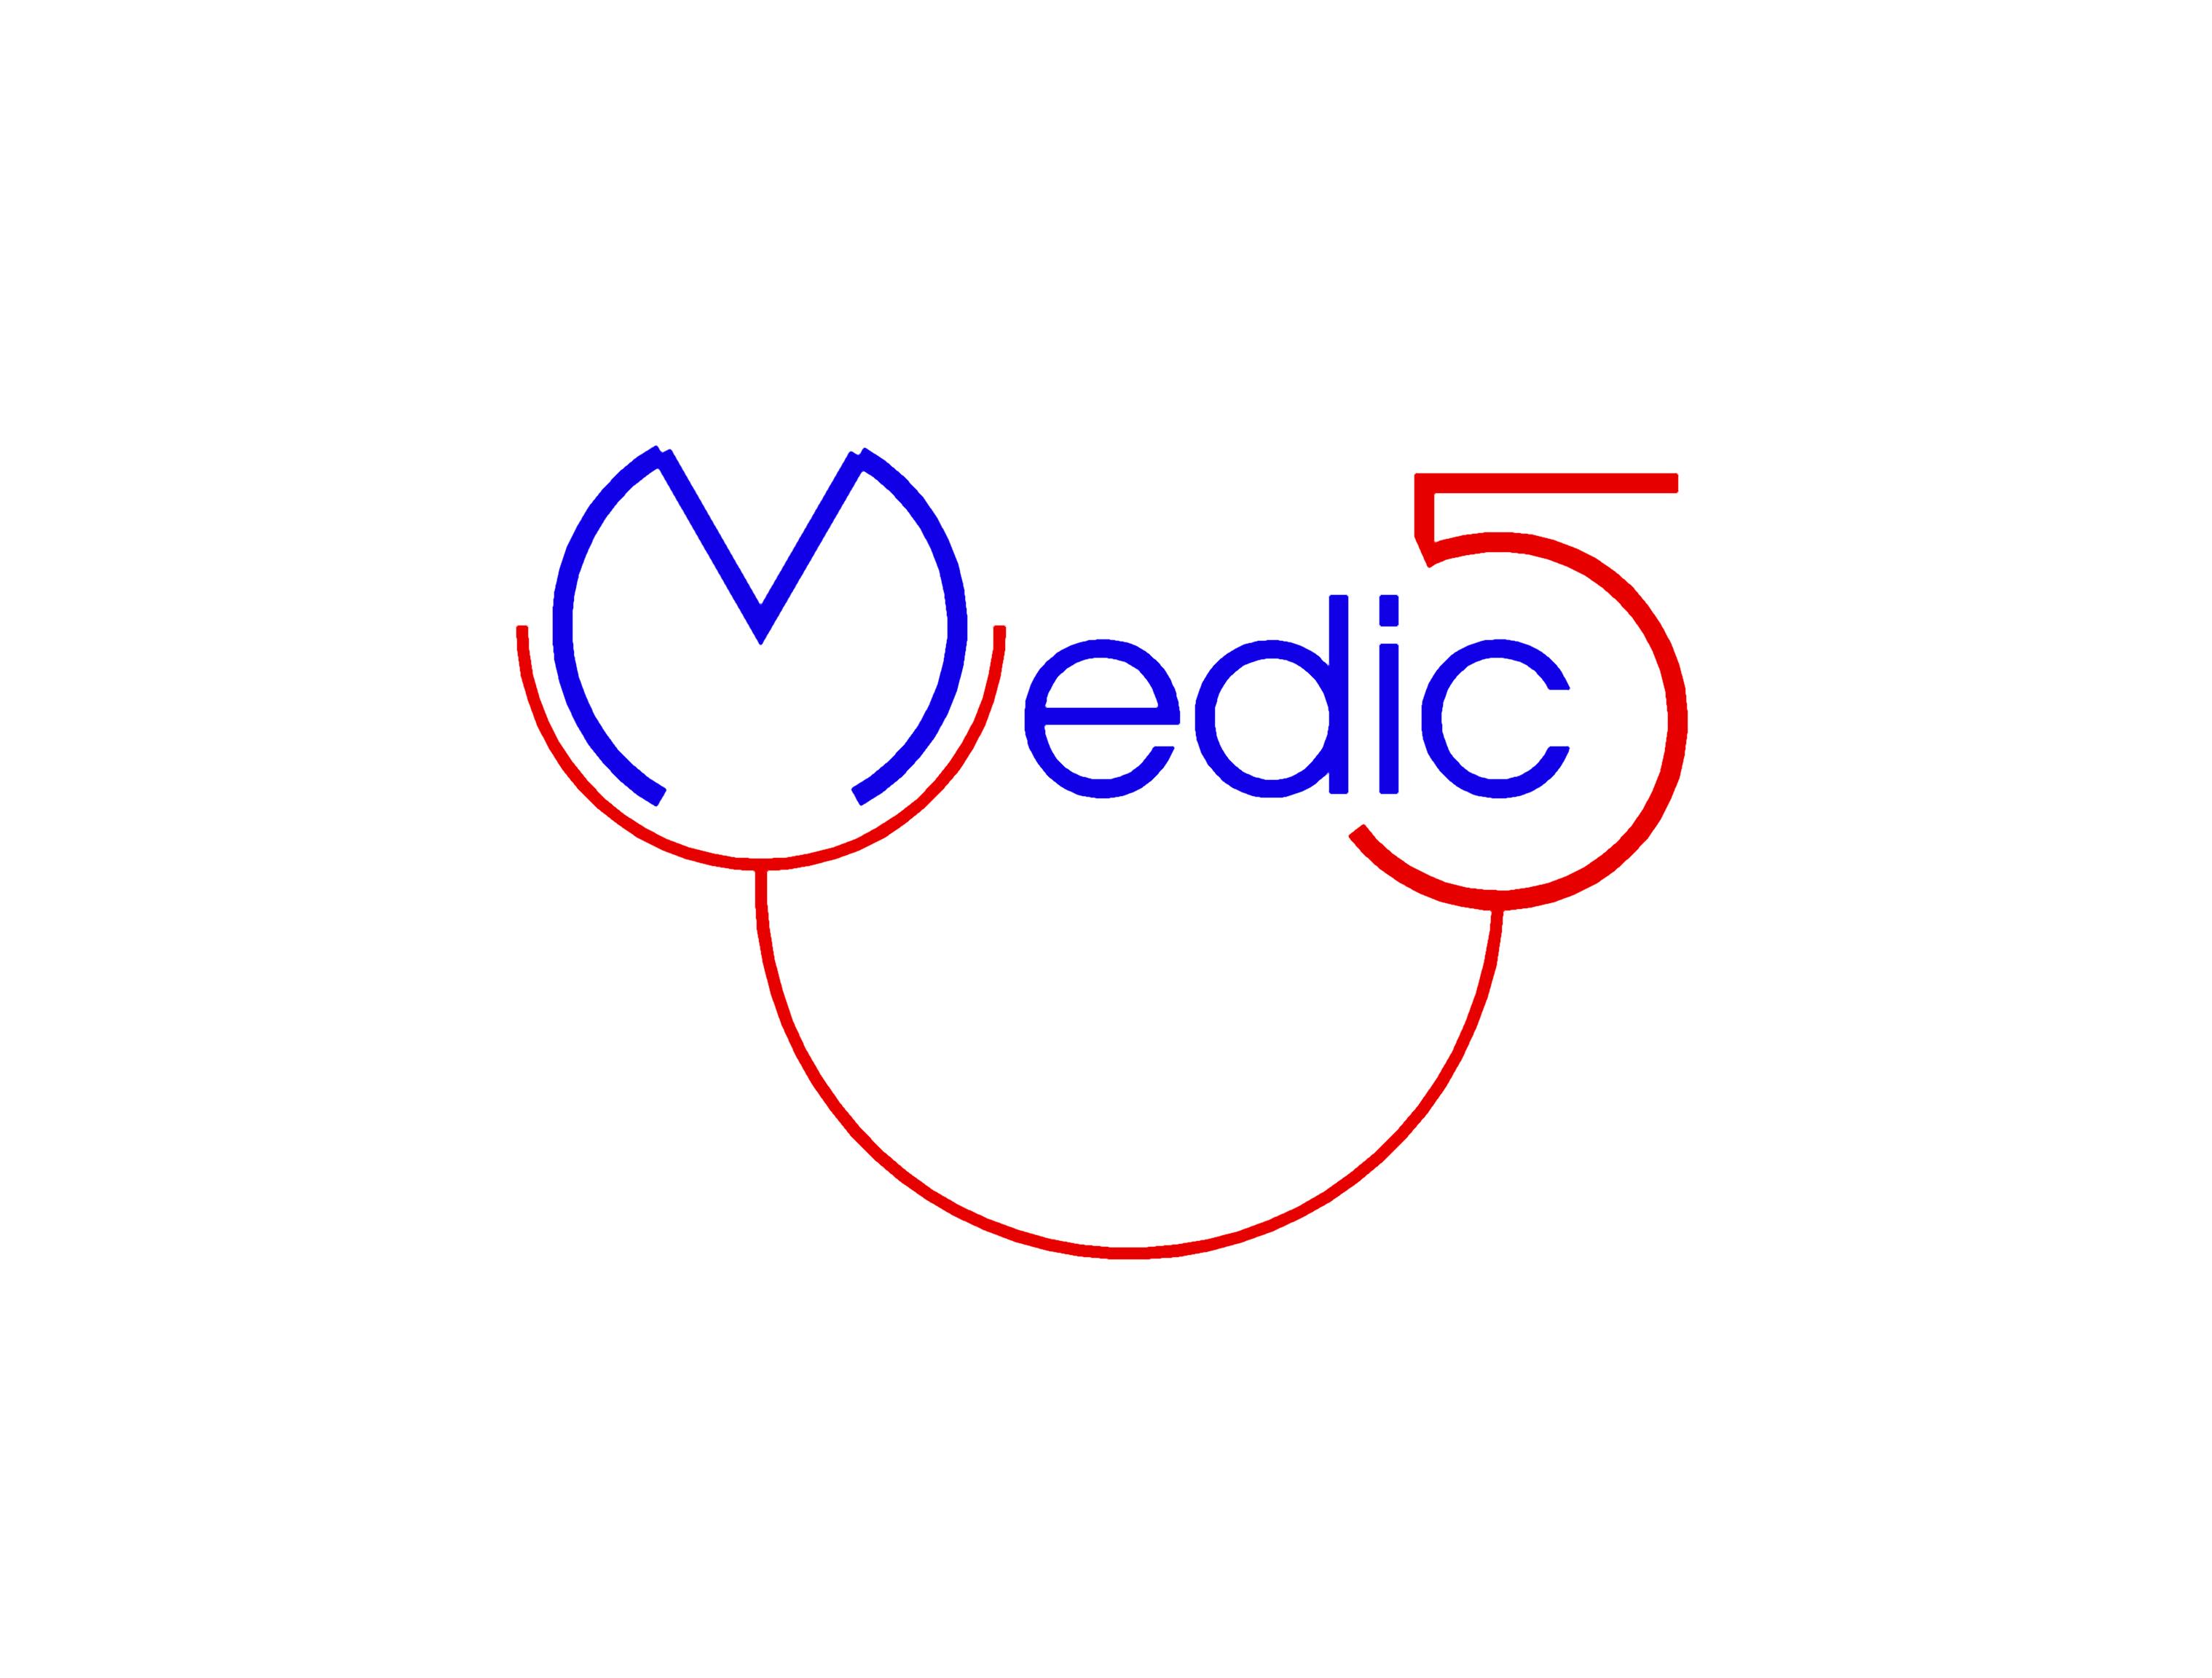 Готовый логотип или эскиз (мед. тематика) фото f_23355ac9ecc09183.jpg